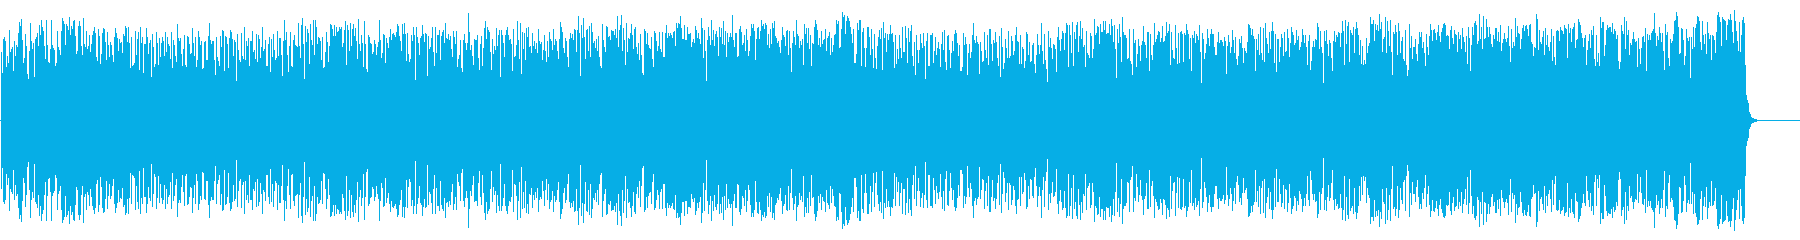 活気あふれるポップ(フルサイズ)の再生済みの波形